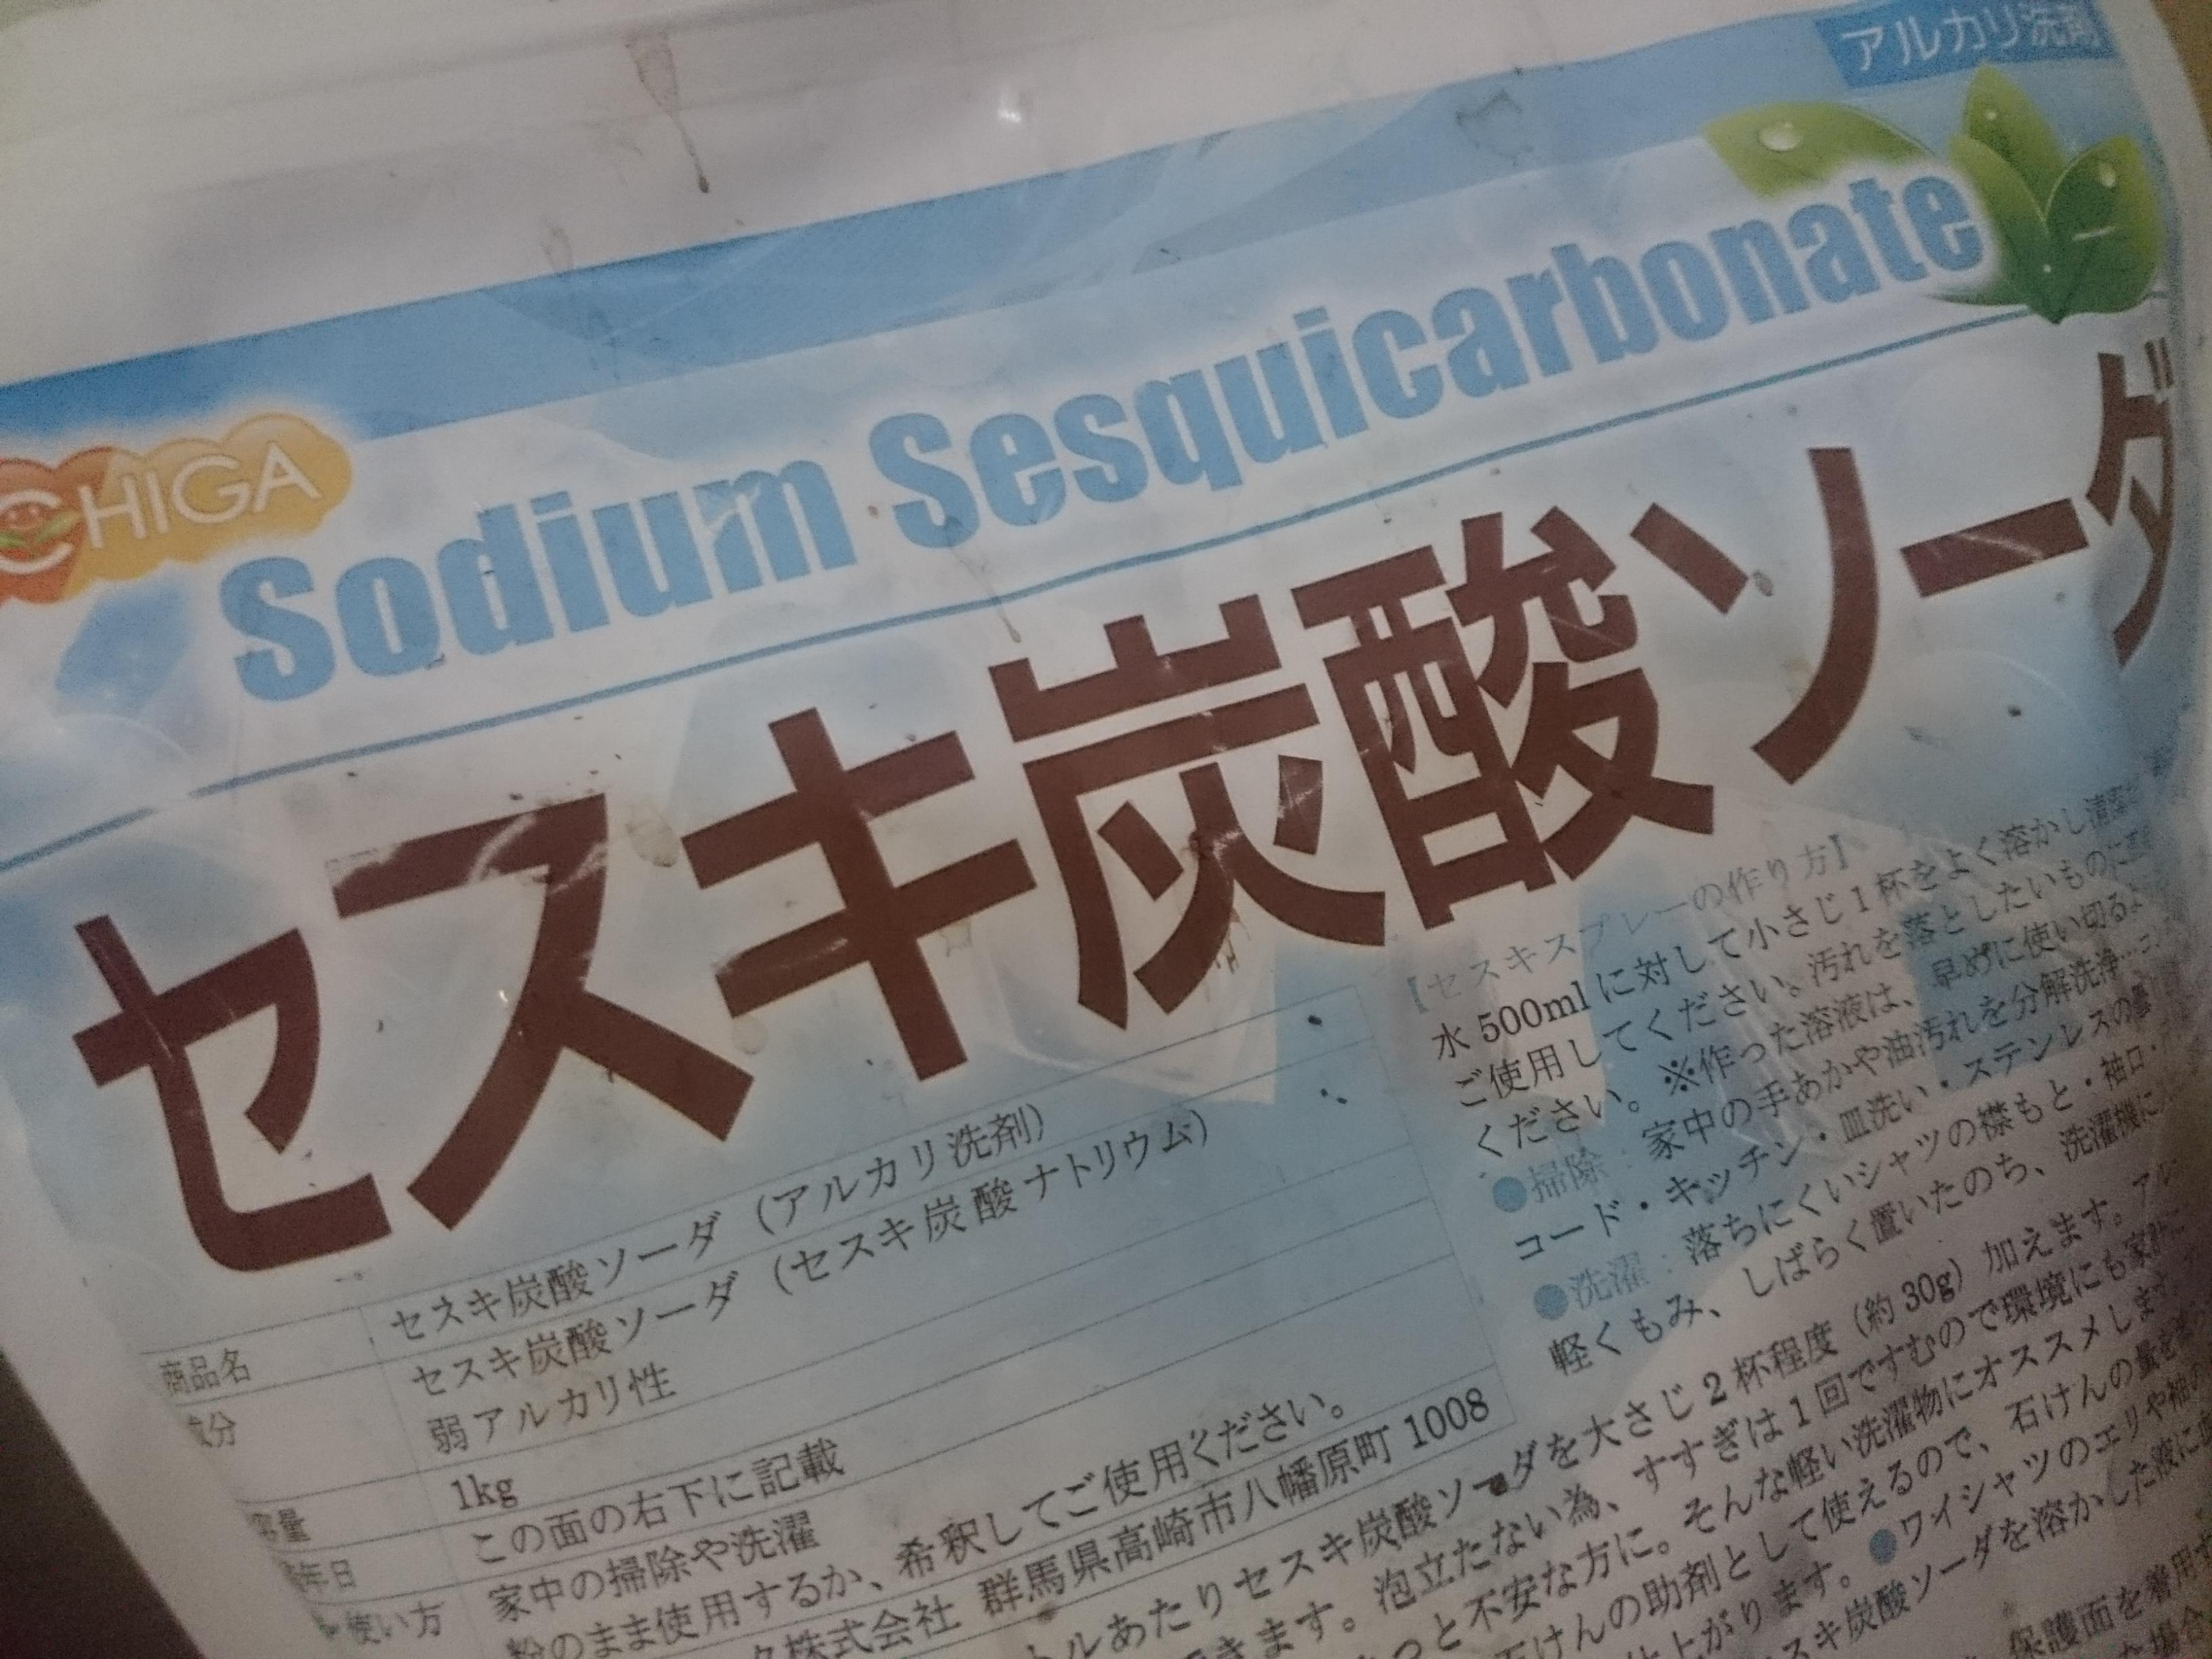 セスキ炭酸ソーダ掃除用の使い方と作り方 油汚れ掃除に向いている